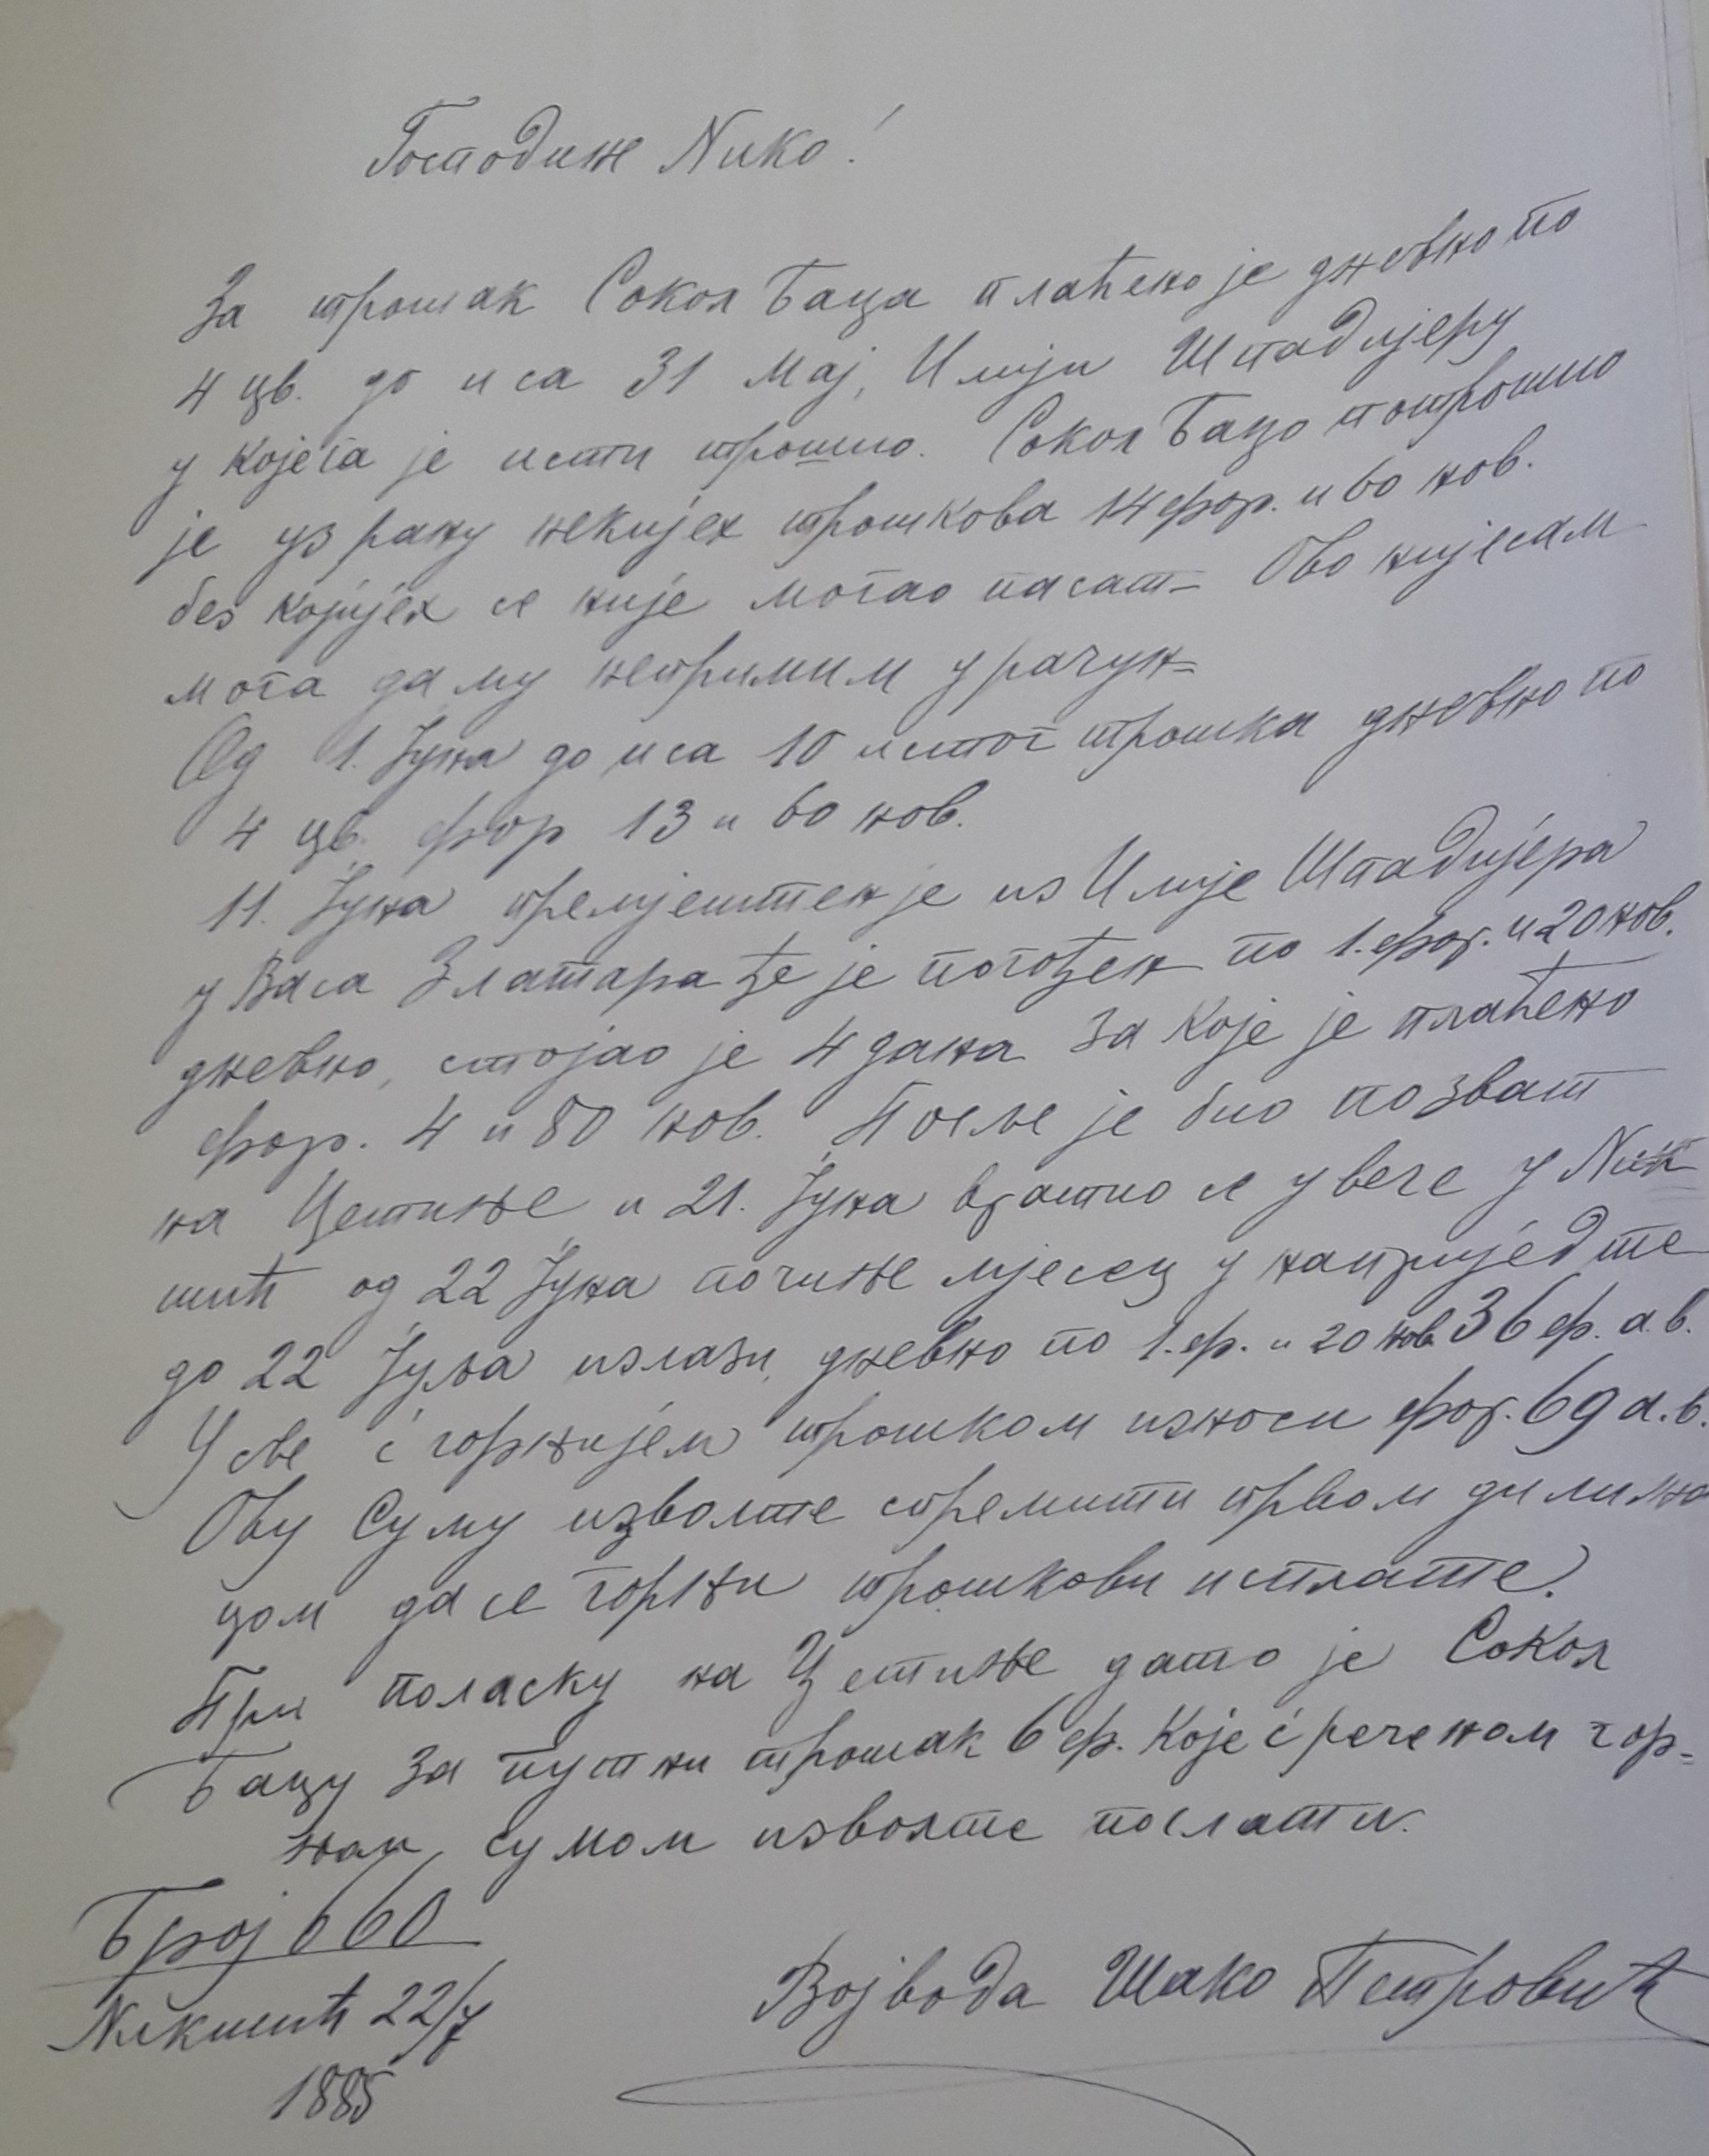 Pismo vojvode Šaka Petrovića o troškovima Sokol Baca arbanaškog prvaka i crnogorskog povjerenika, MUD, jul 1885.